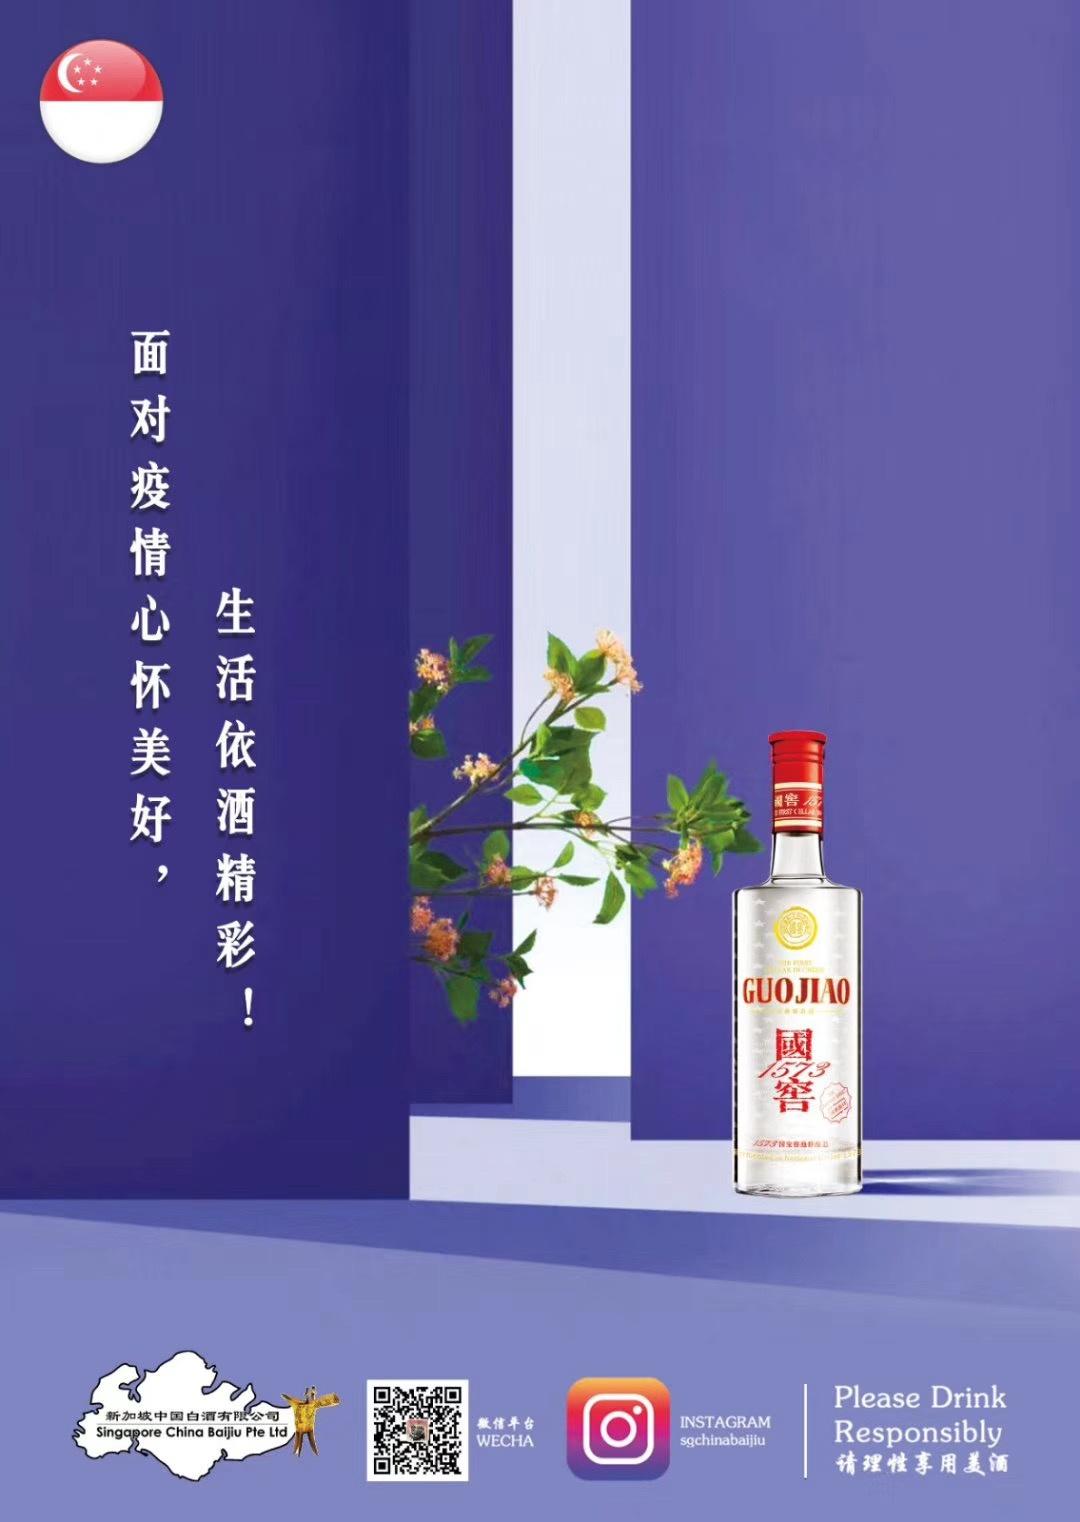 08042020 - Guo Jiao.jpg